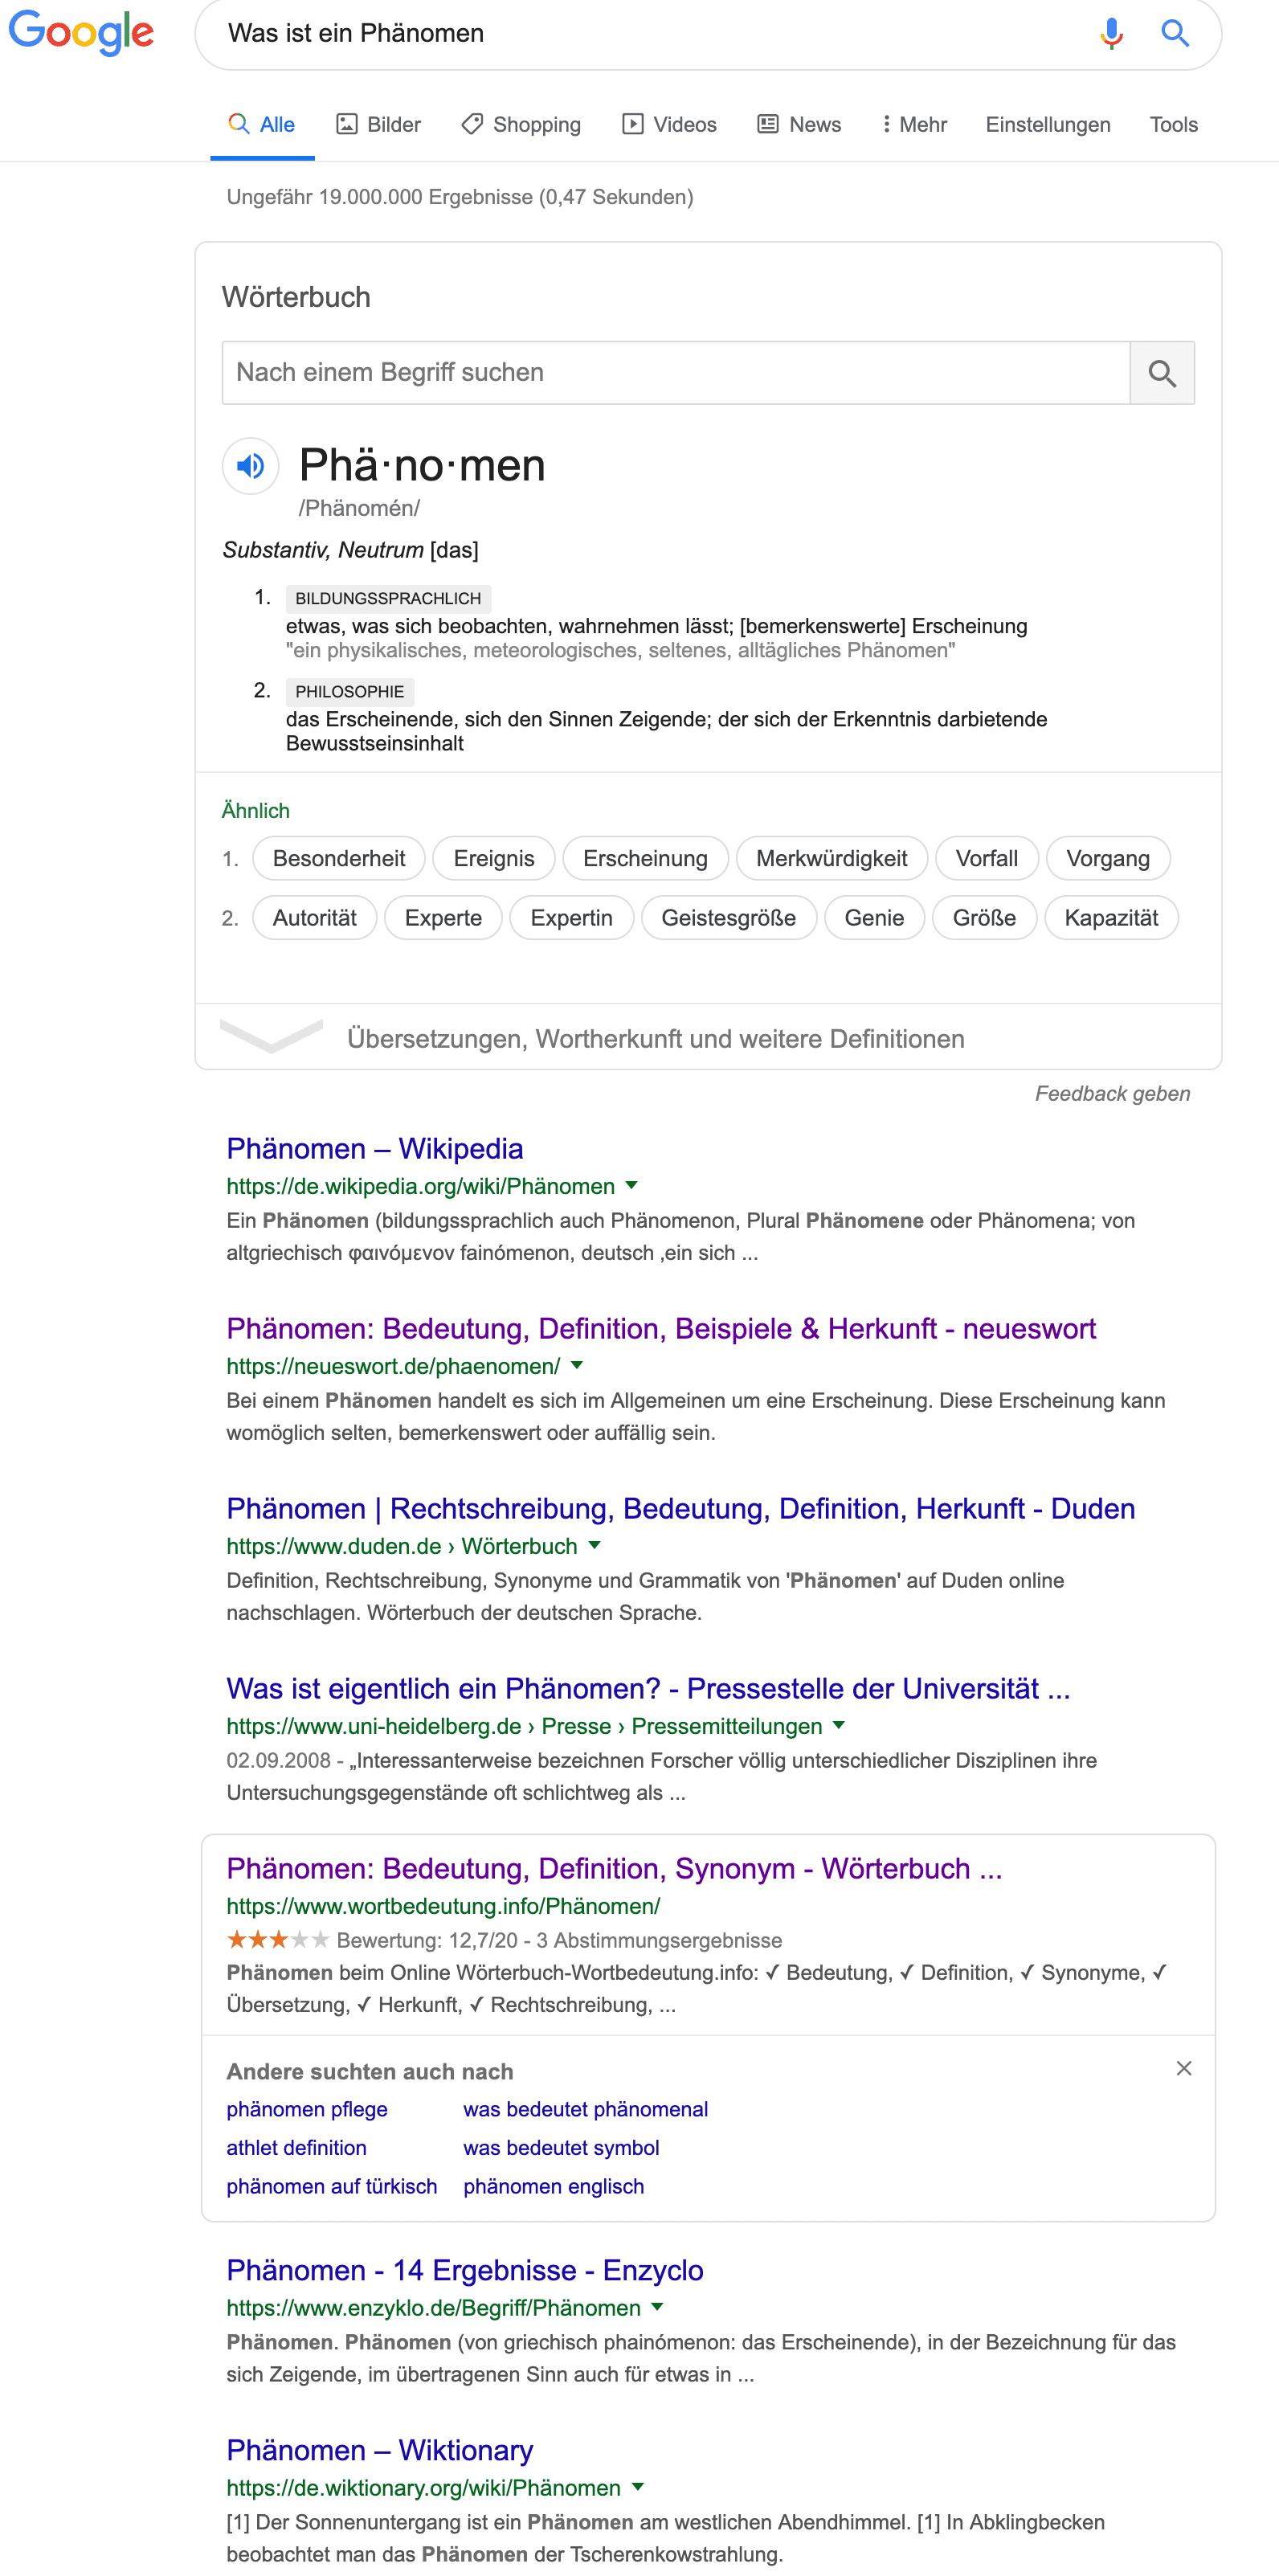 Suchintemntion eines Nutzers